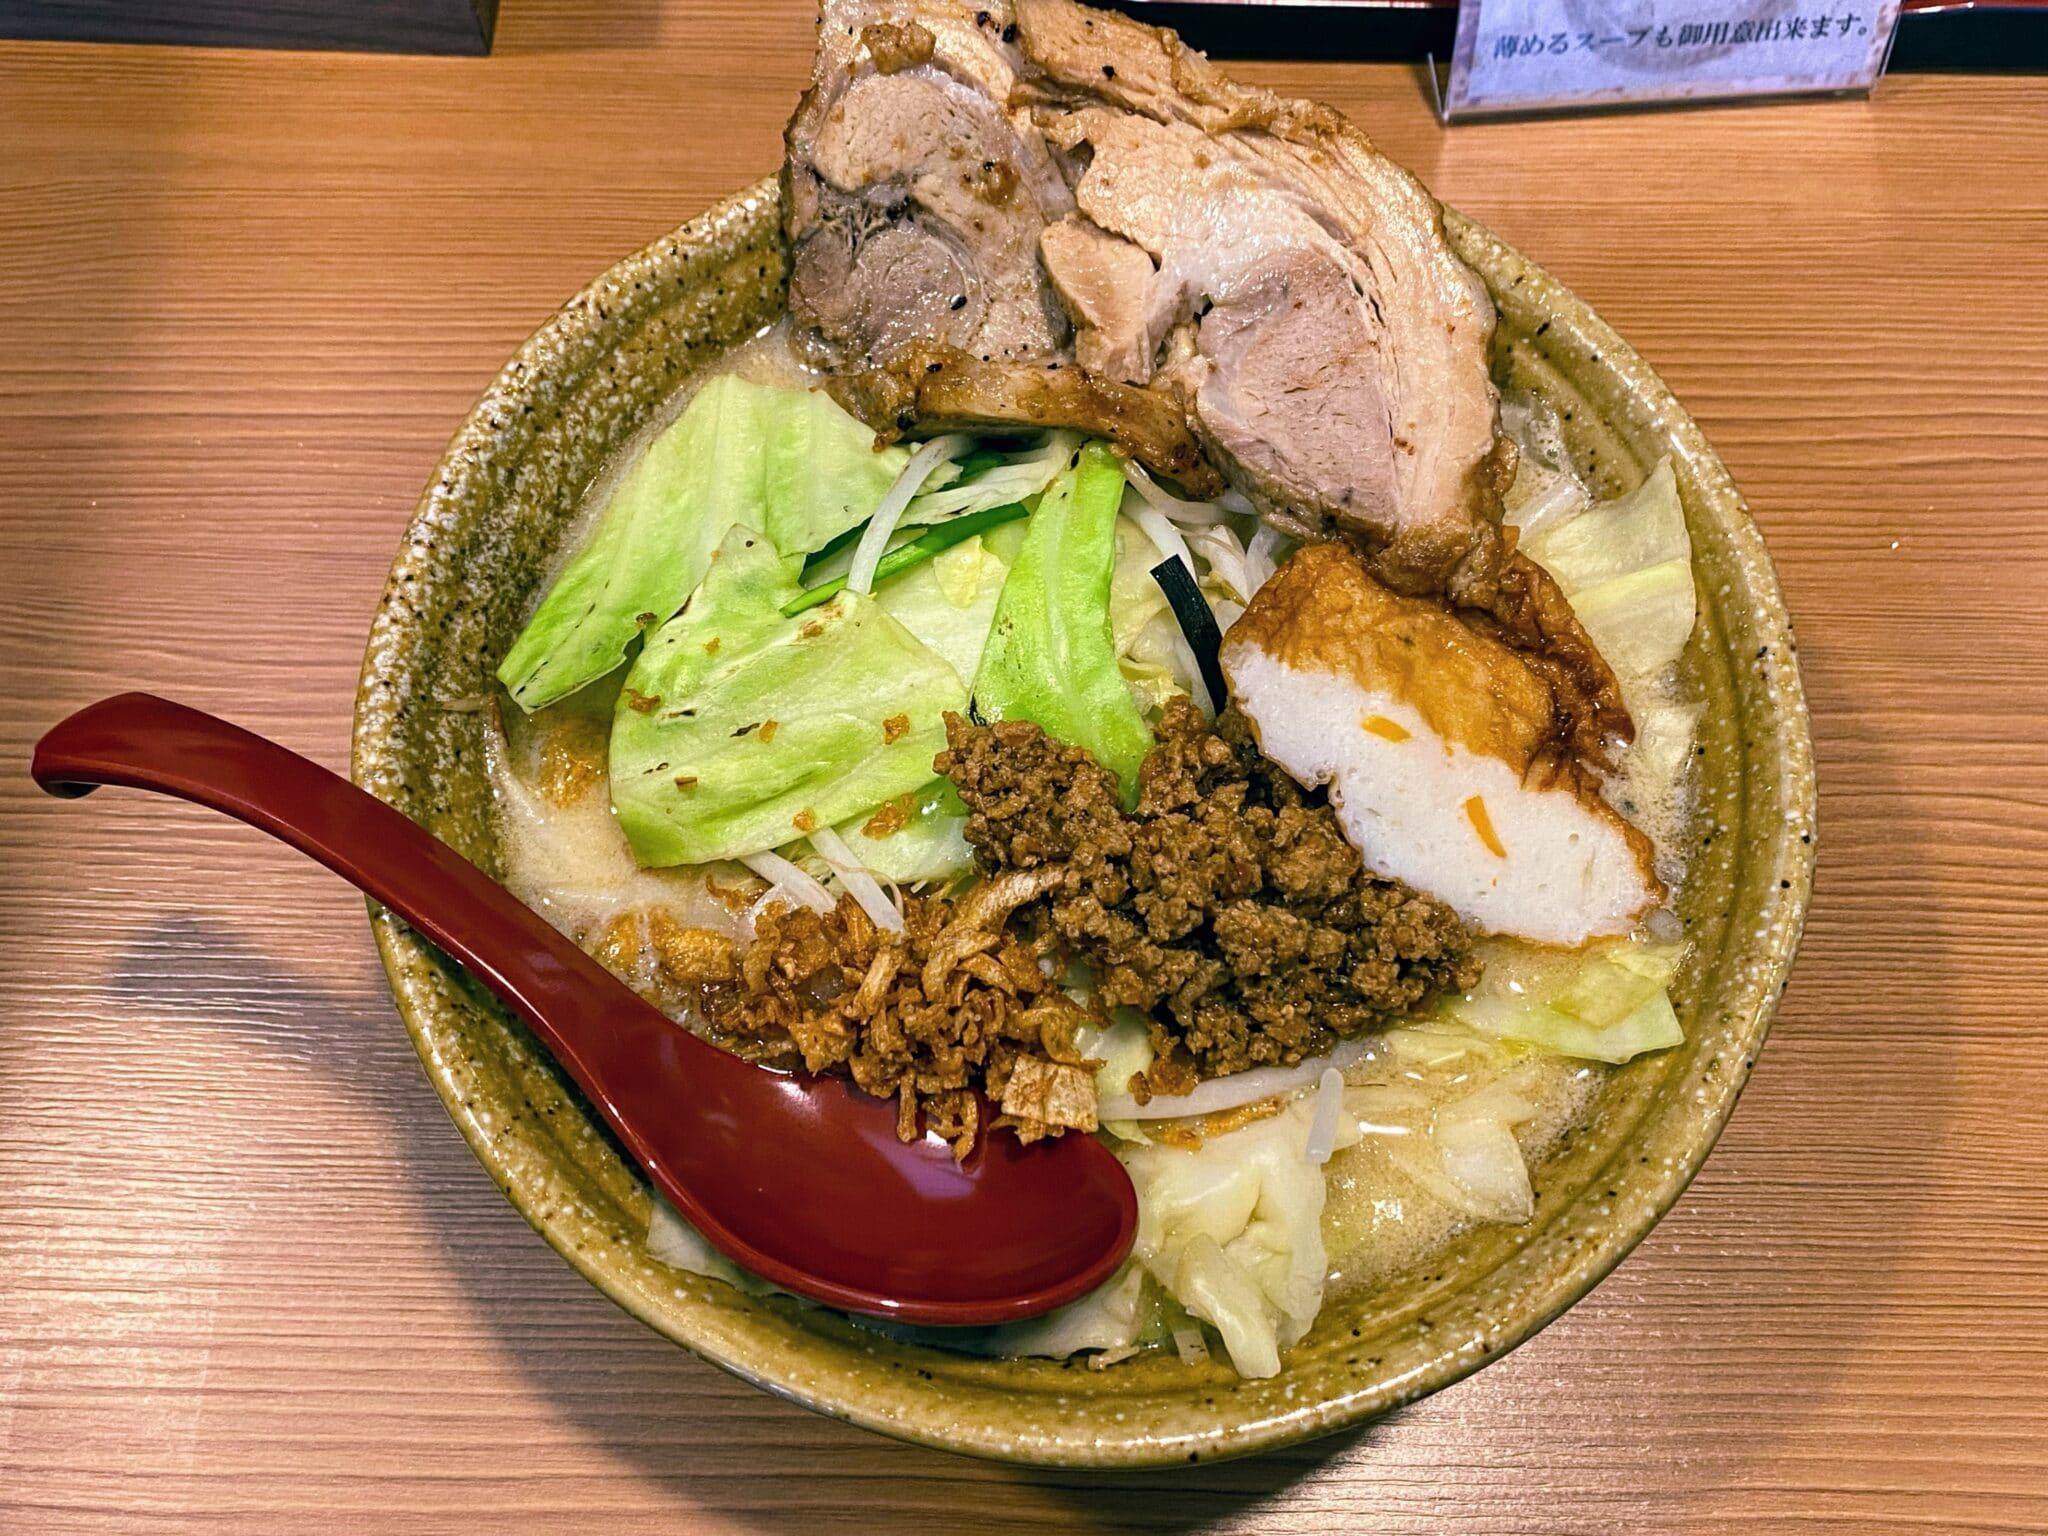 「唐崎商店」九州味噌ラーメン(野菜、チャーシュー2枚つき)